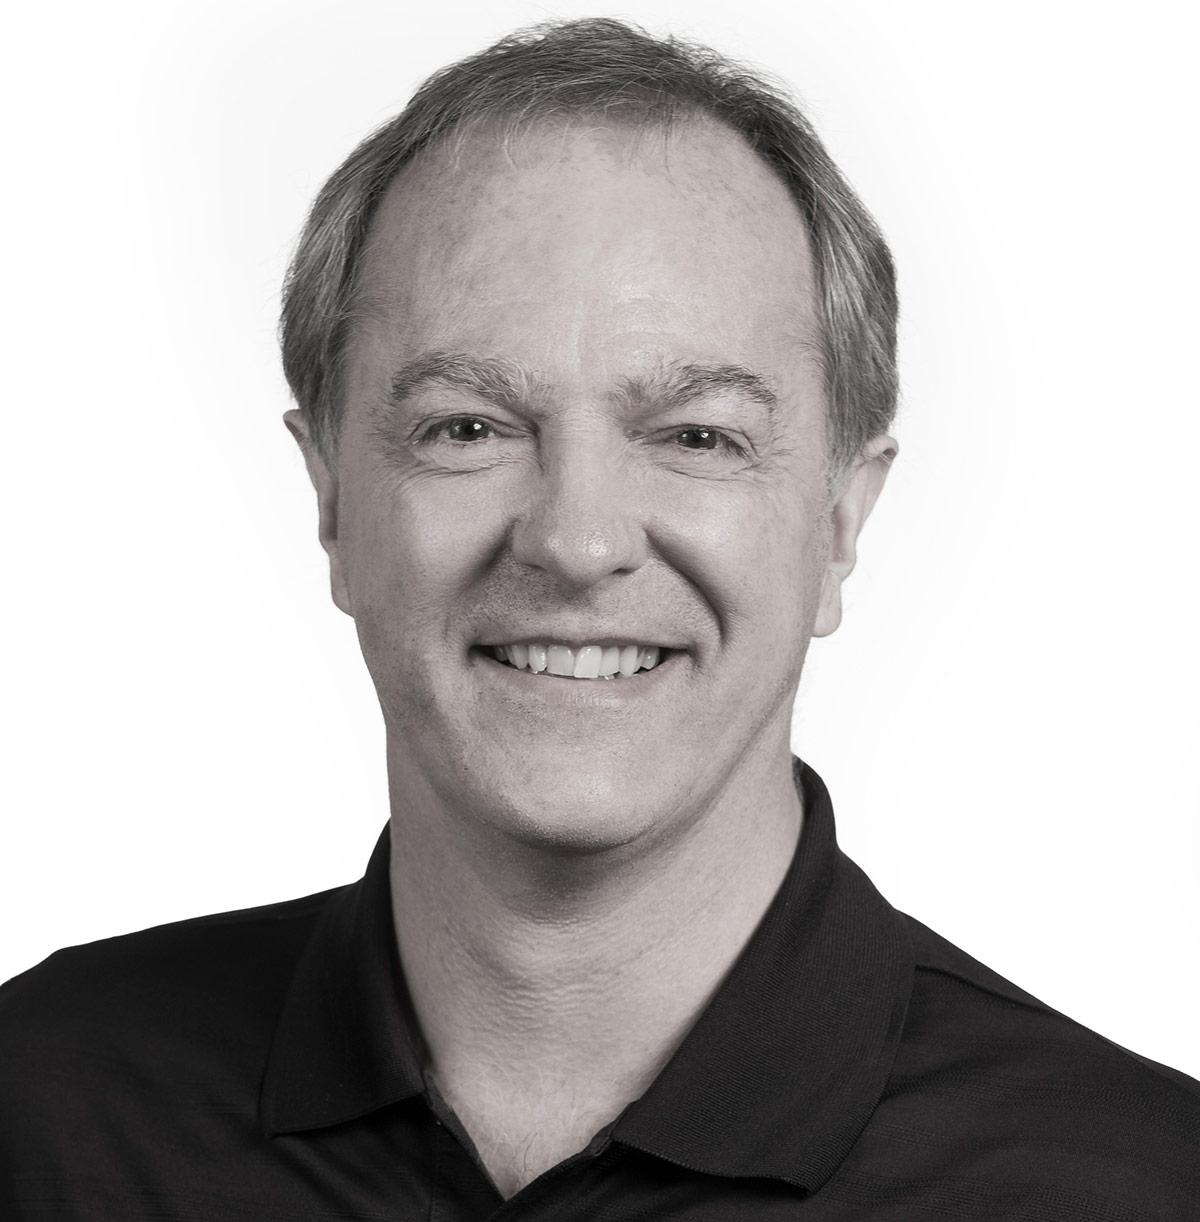 andrew jones tells the story behind elac s innovative adante speakers